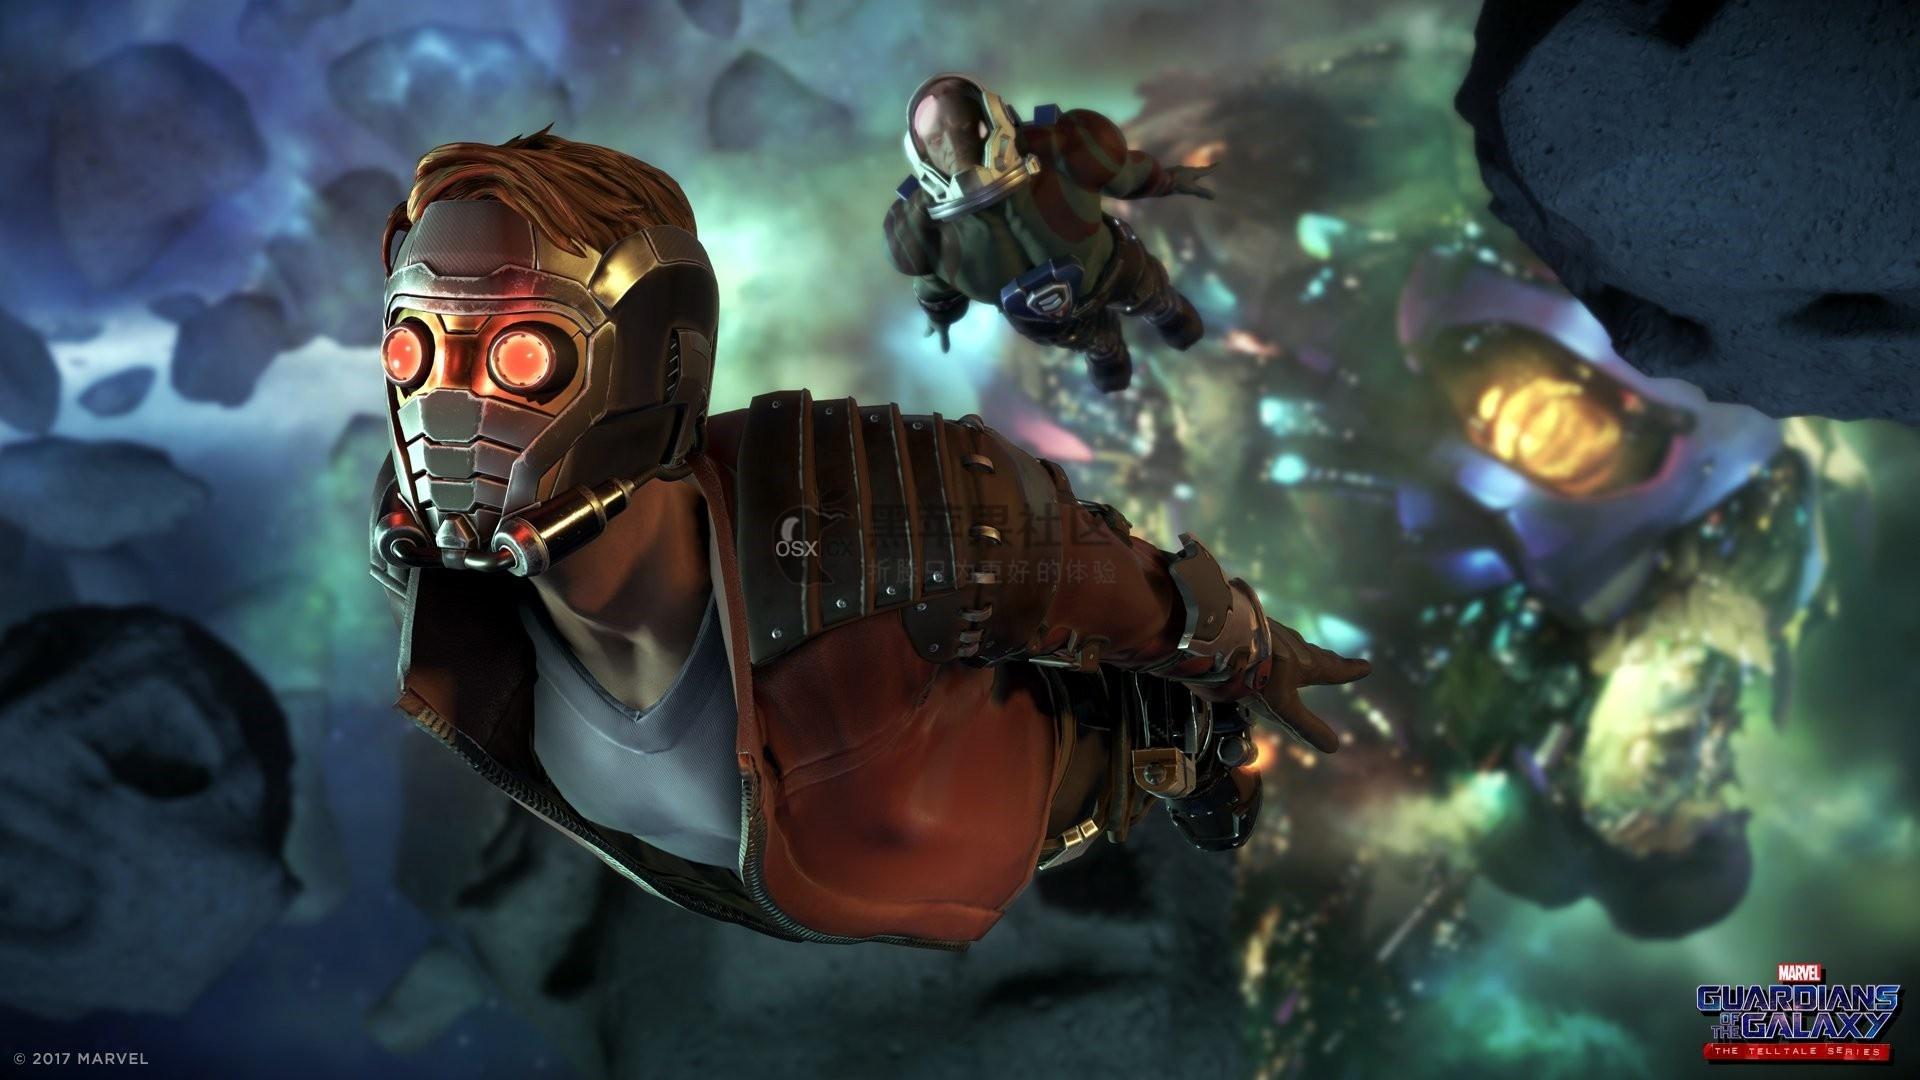 Marvels Guardians of the Galaxy: The Telltale Series 银河护卫队 Mac游戏